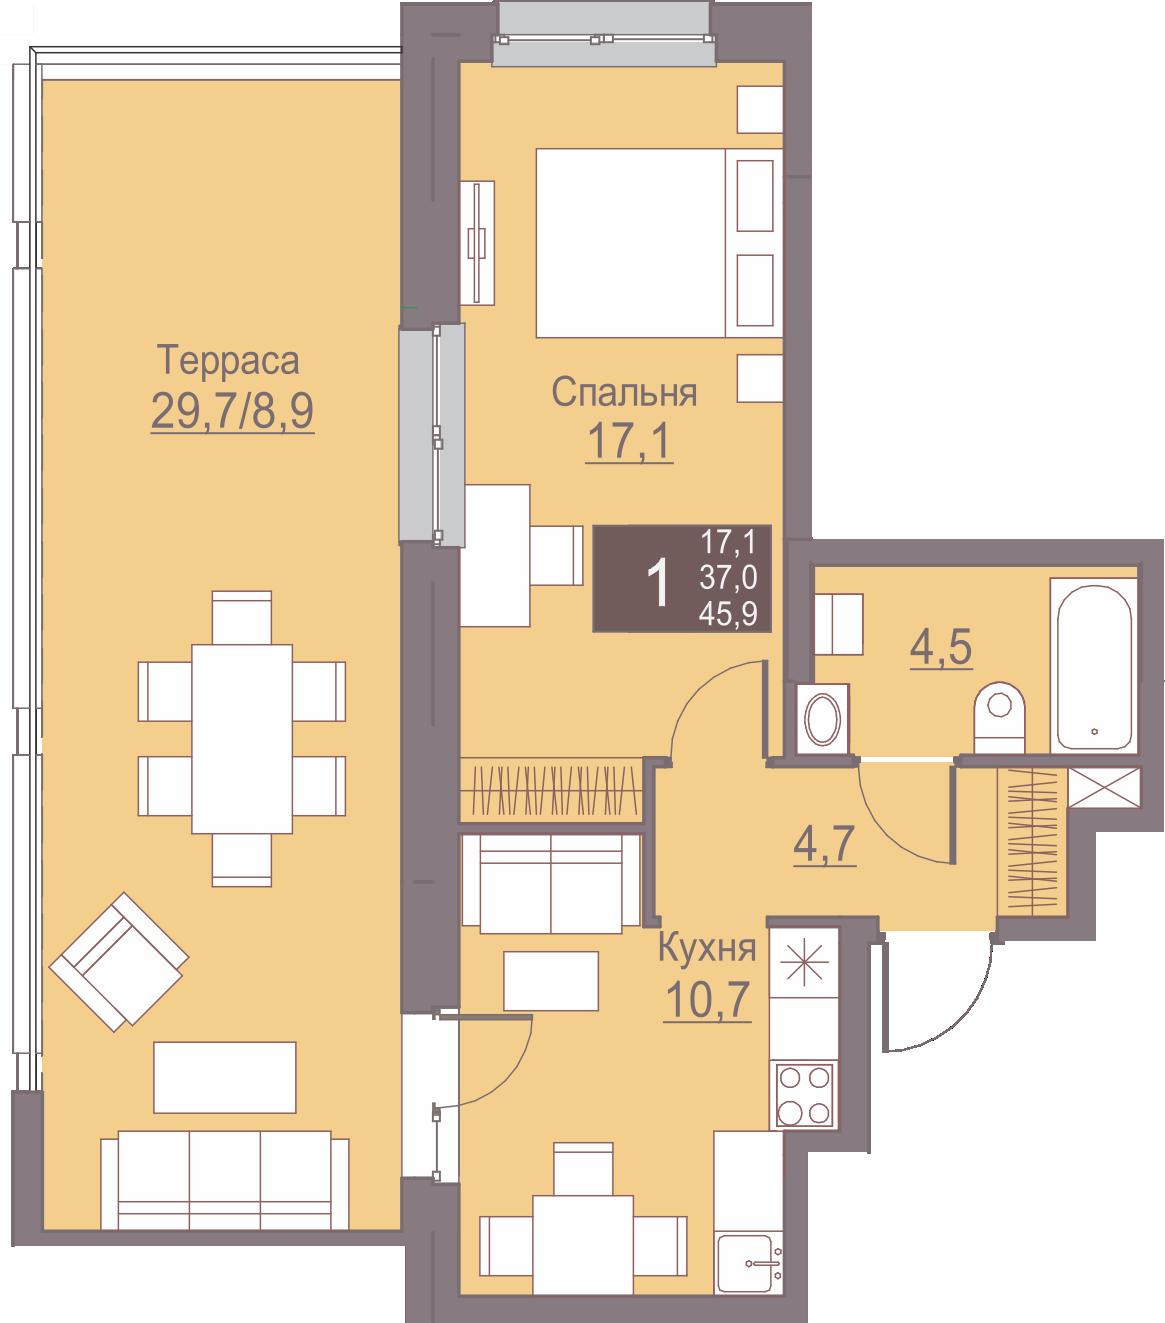 1-комнатная 45.9<span>м<sup>2</sup></span>